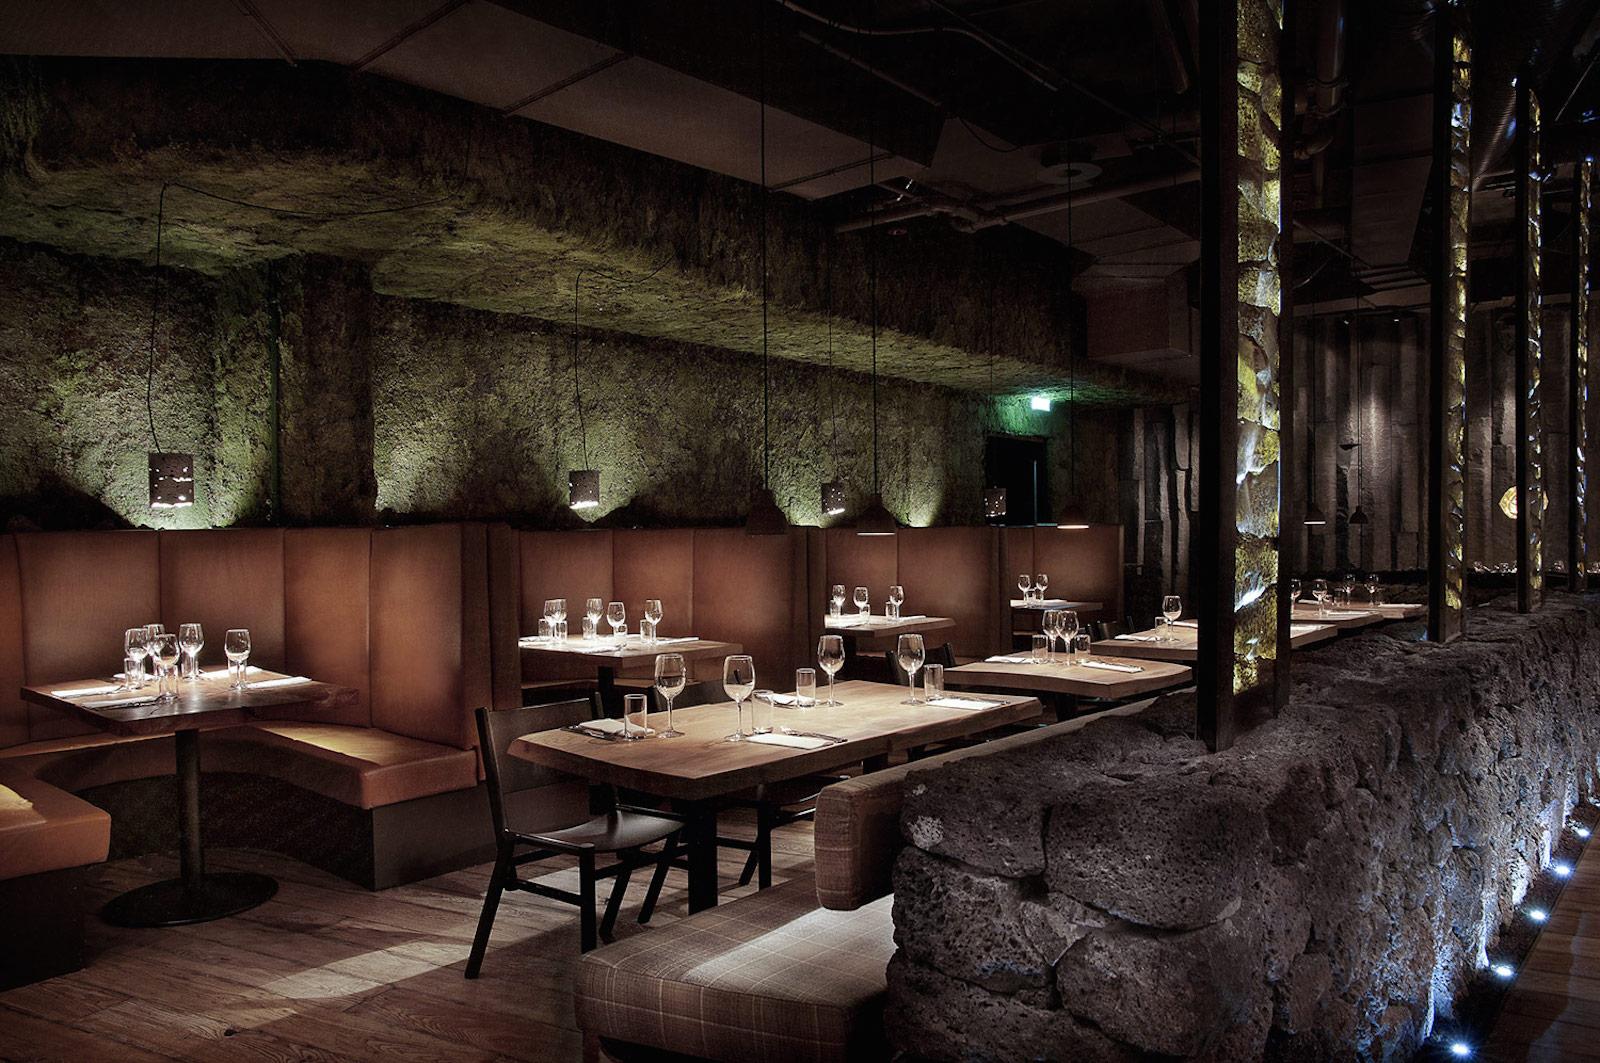 Yksi Reykjavikin parhaita ravintoloita: Grillmarkaðurinn. Plussaa laavafiiliksestä! (Kuva: Grillmarkaðurinn)